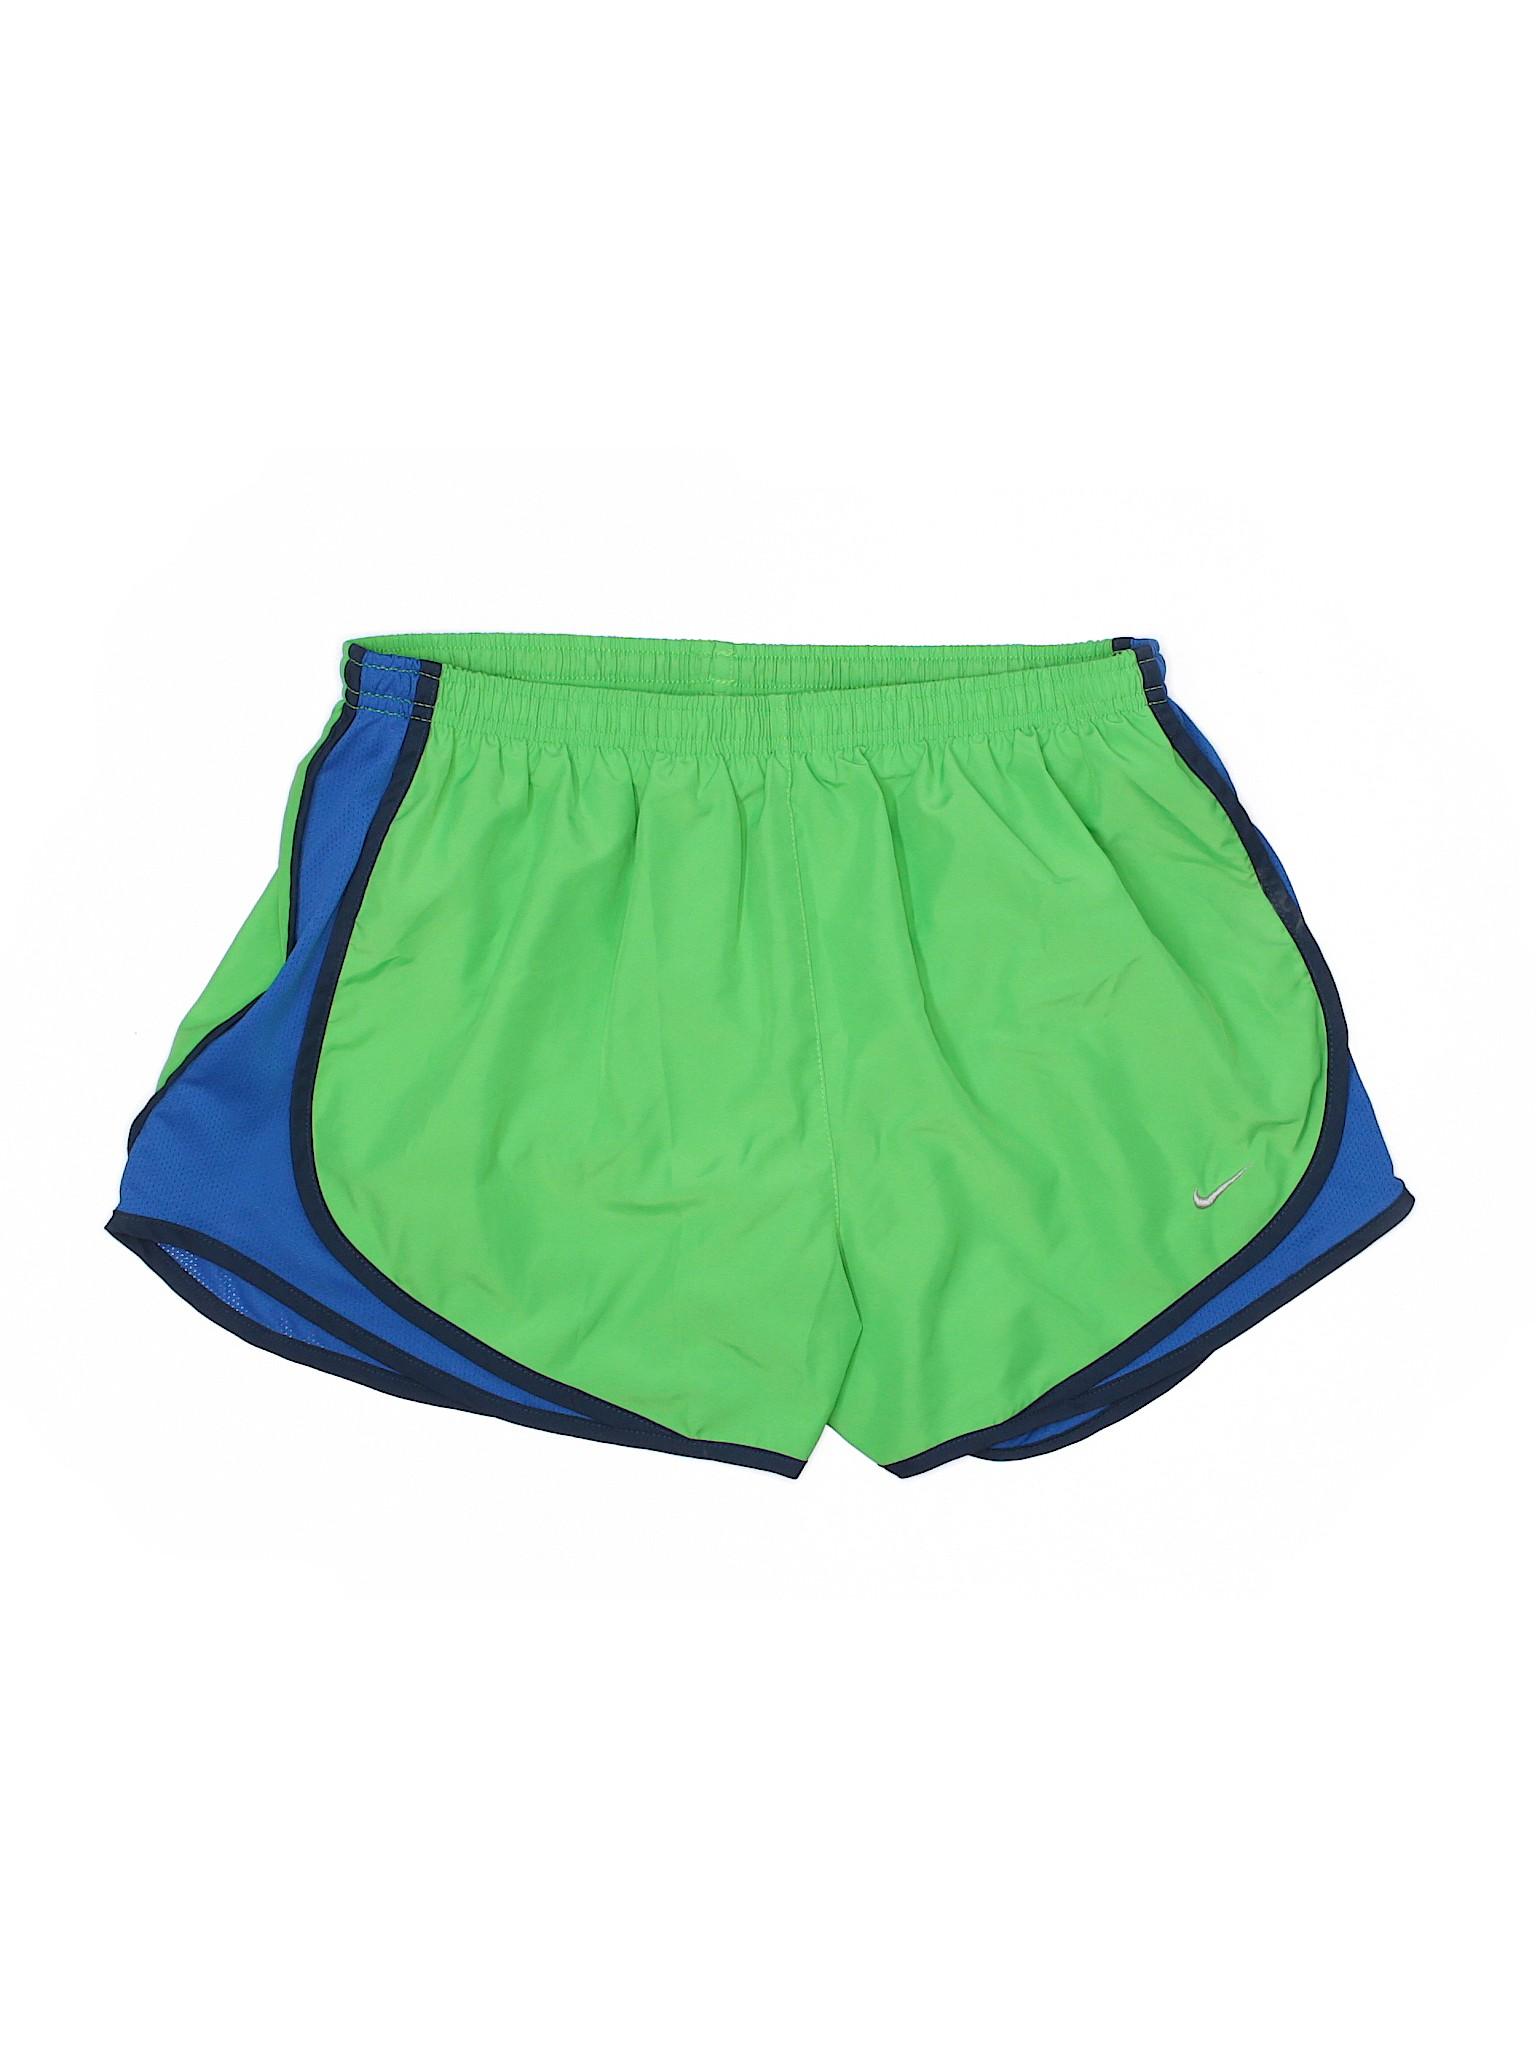 Nike Athletic Nike Boutique Nike Athletic Boutique Shorts Boutique Shorts zBqC6